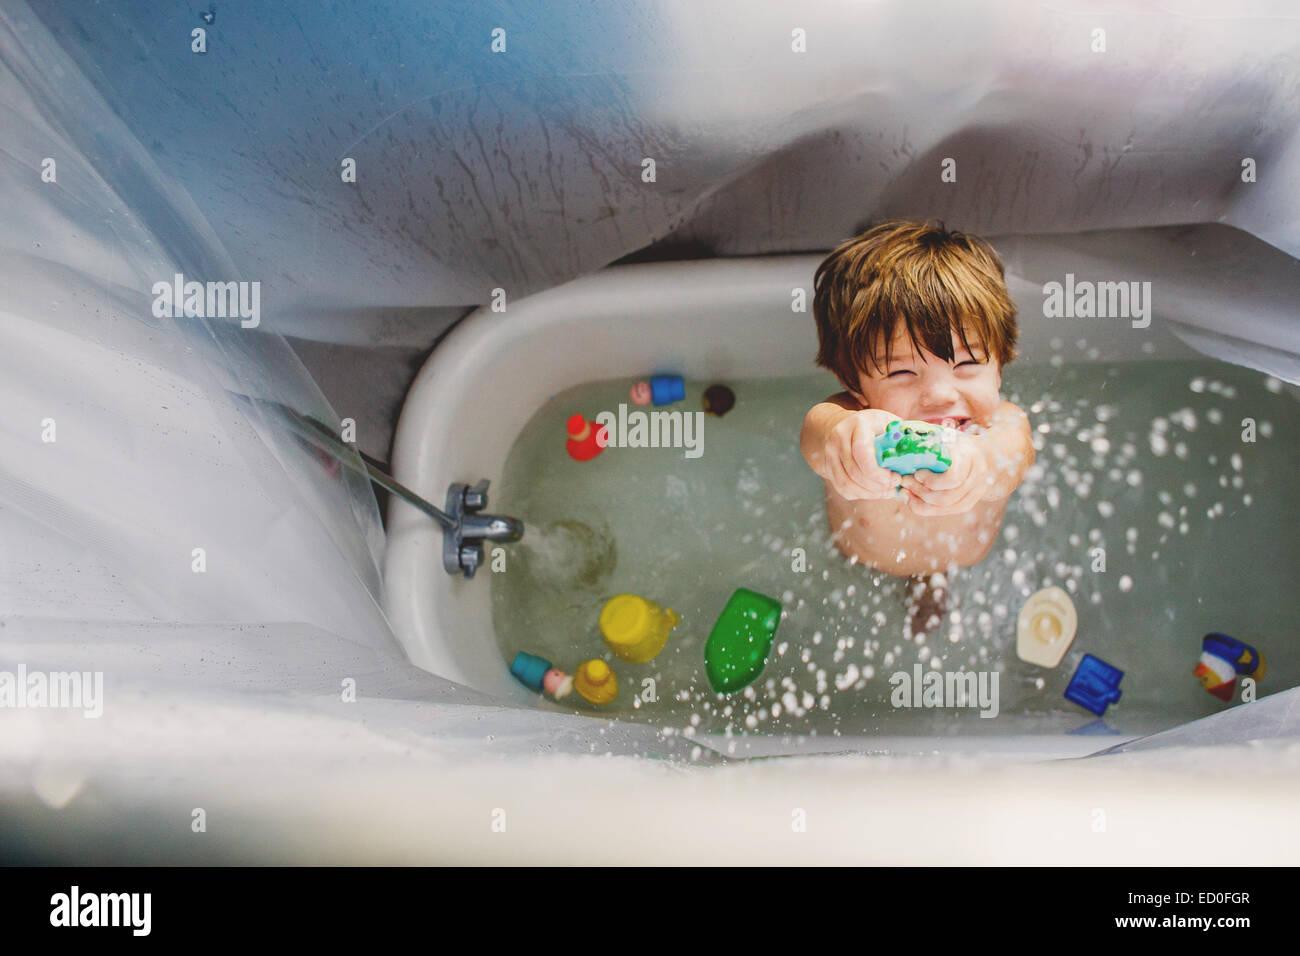 Junge (2-3) spielen mit Spielzeug im Bad Stockfoto